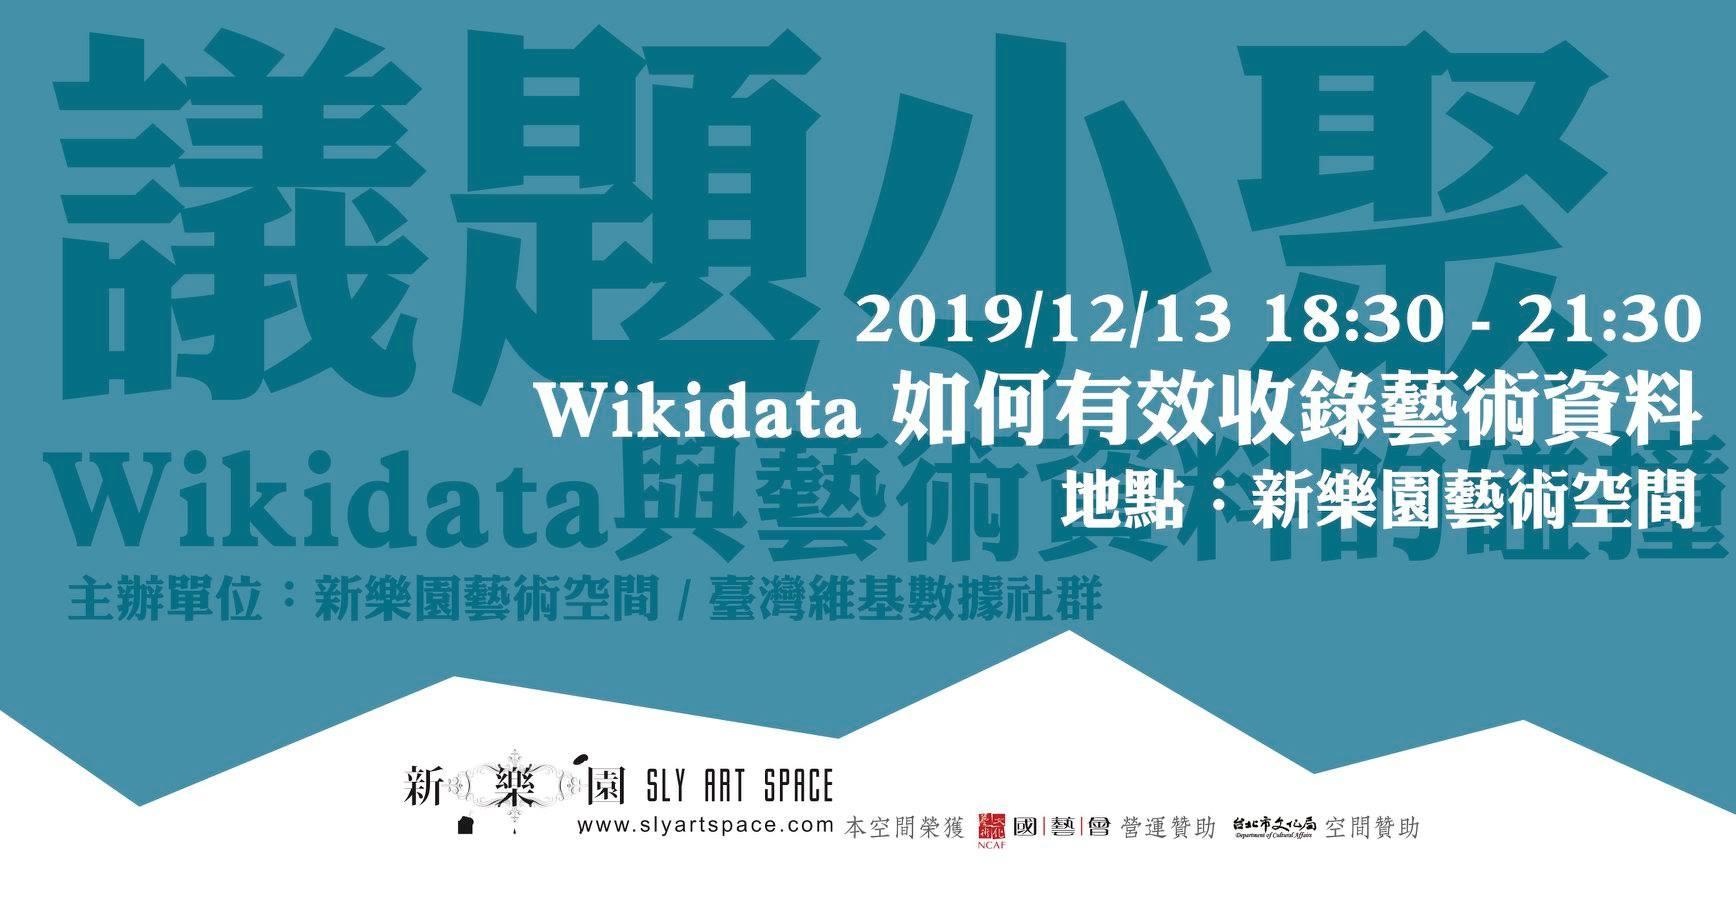 Wikidata與藝術資料的碰撞